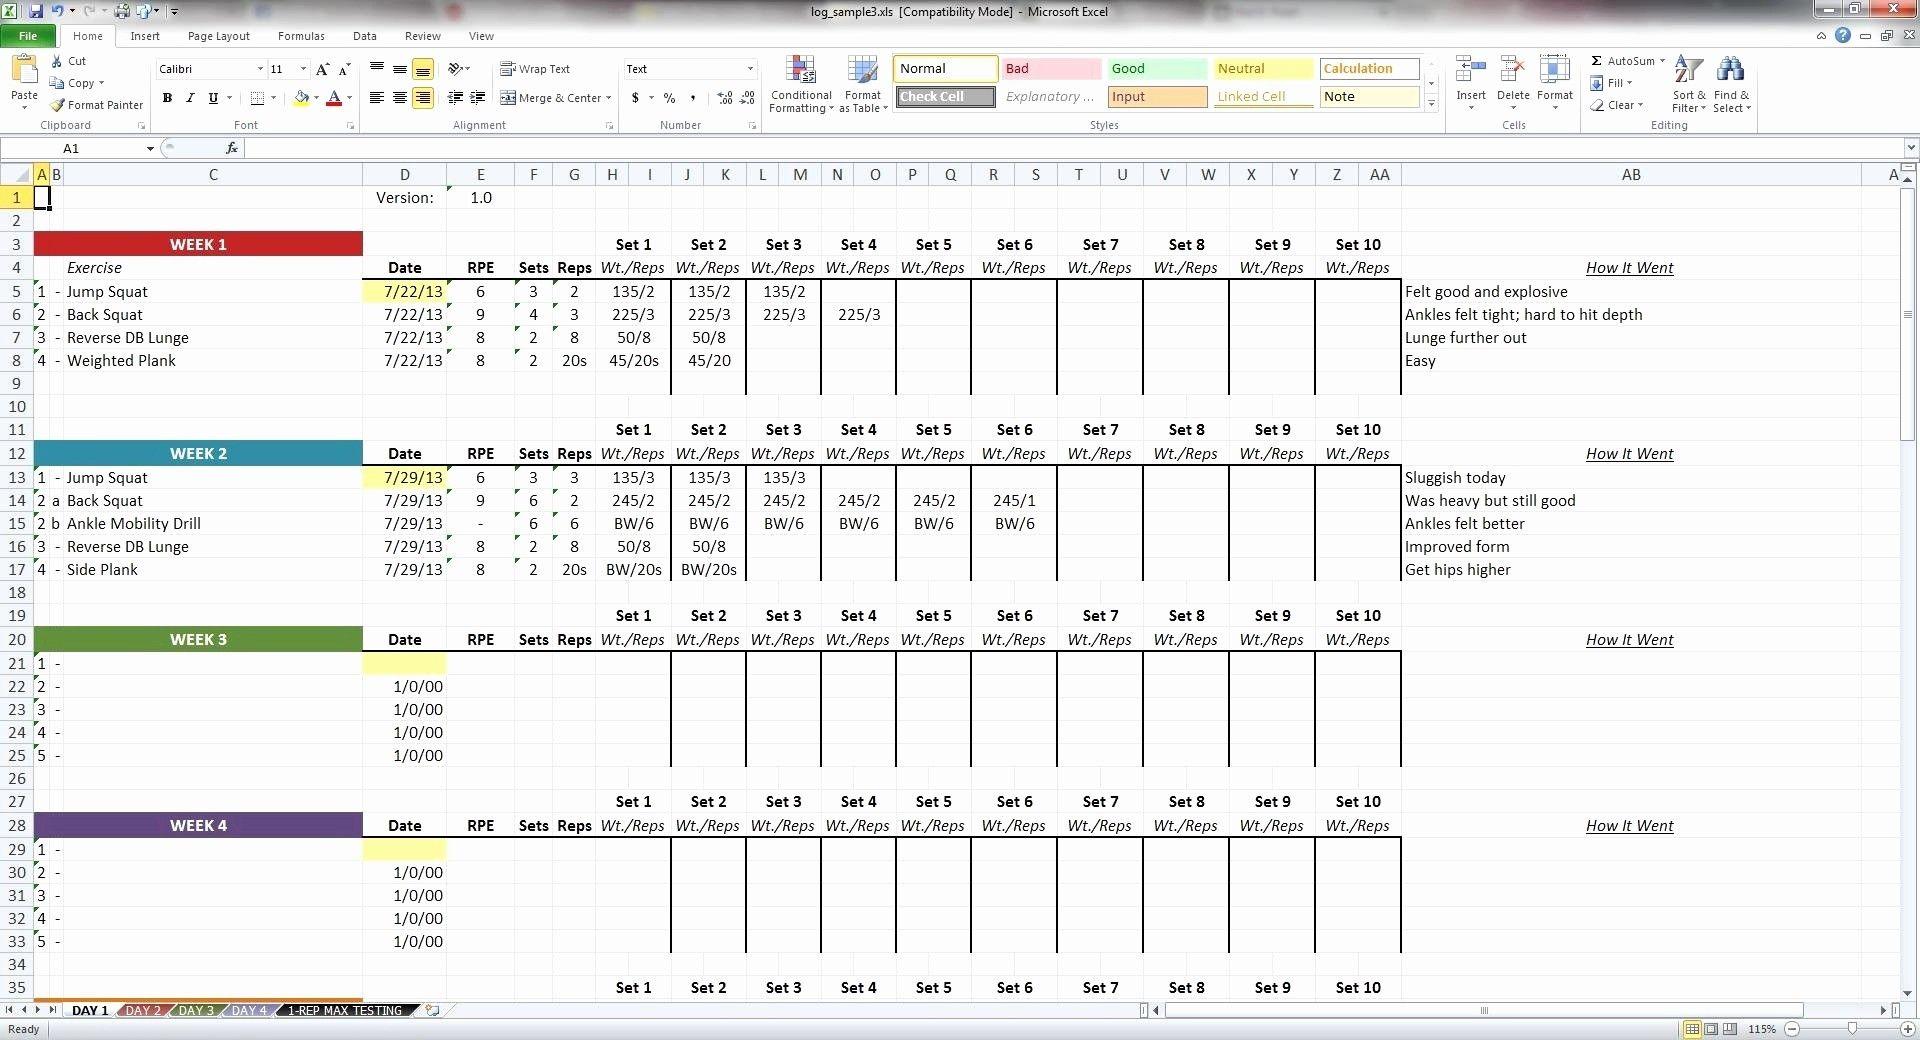 11+ Excelsheet12 registry Images